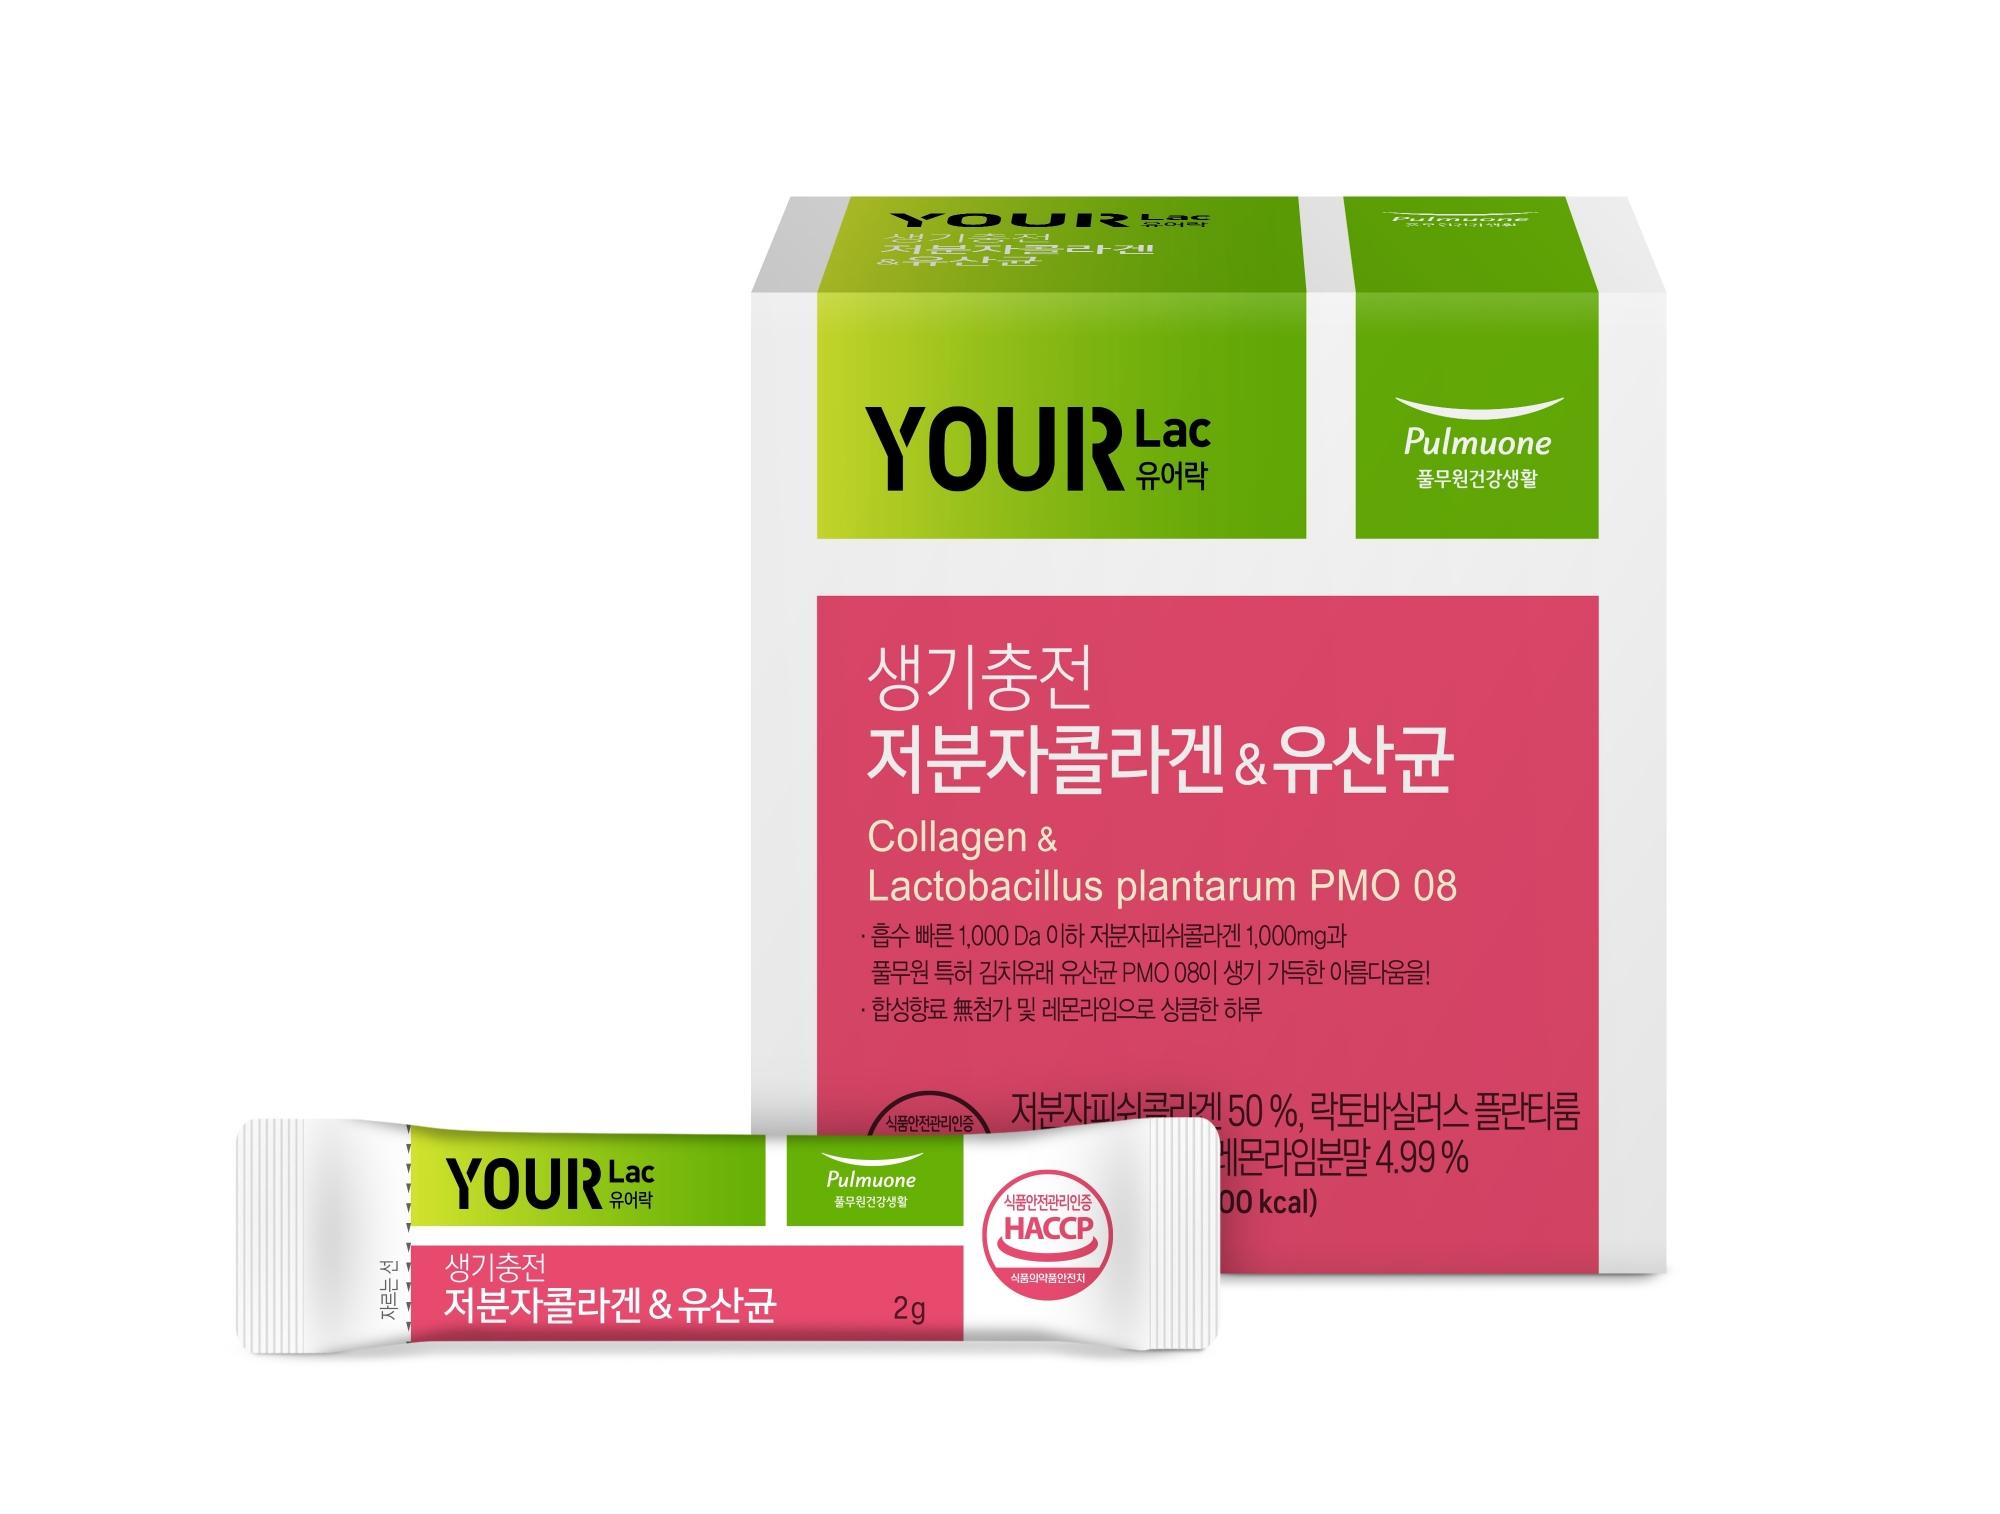 풀무원건강생활 신제품 '생기충전 저분자콜라겐&유산균'으로 상큼하고 건강하게!